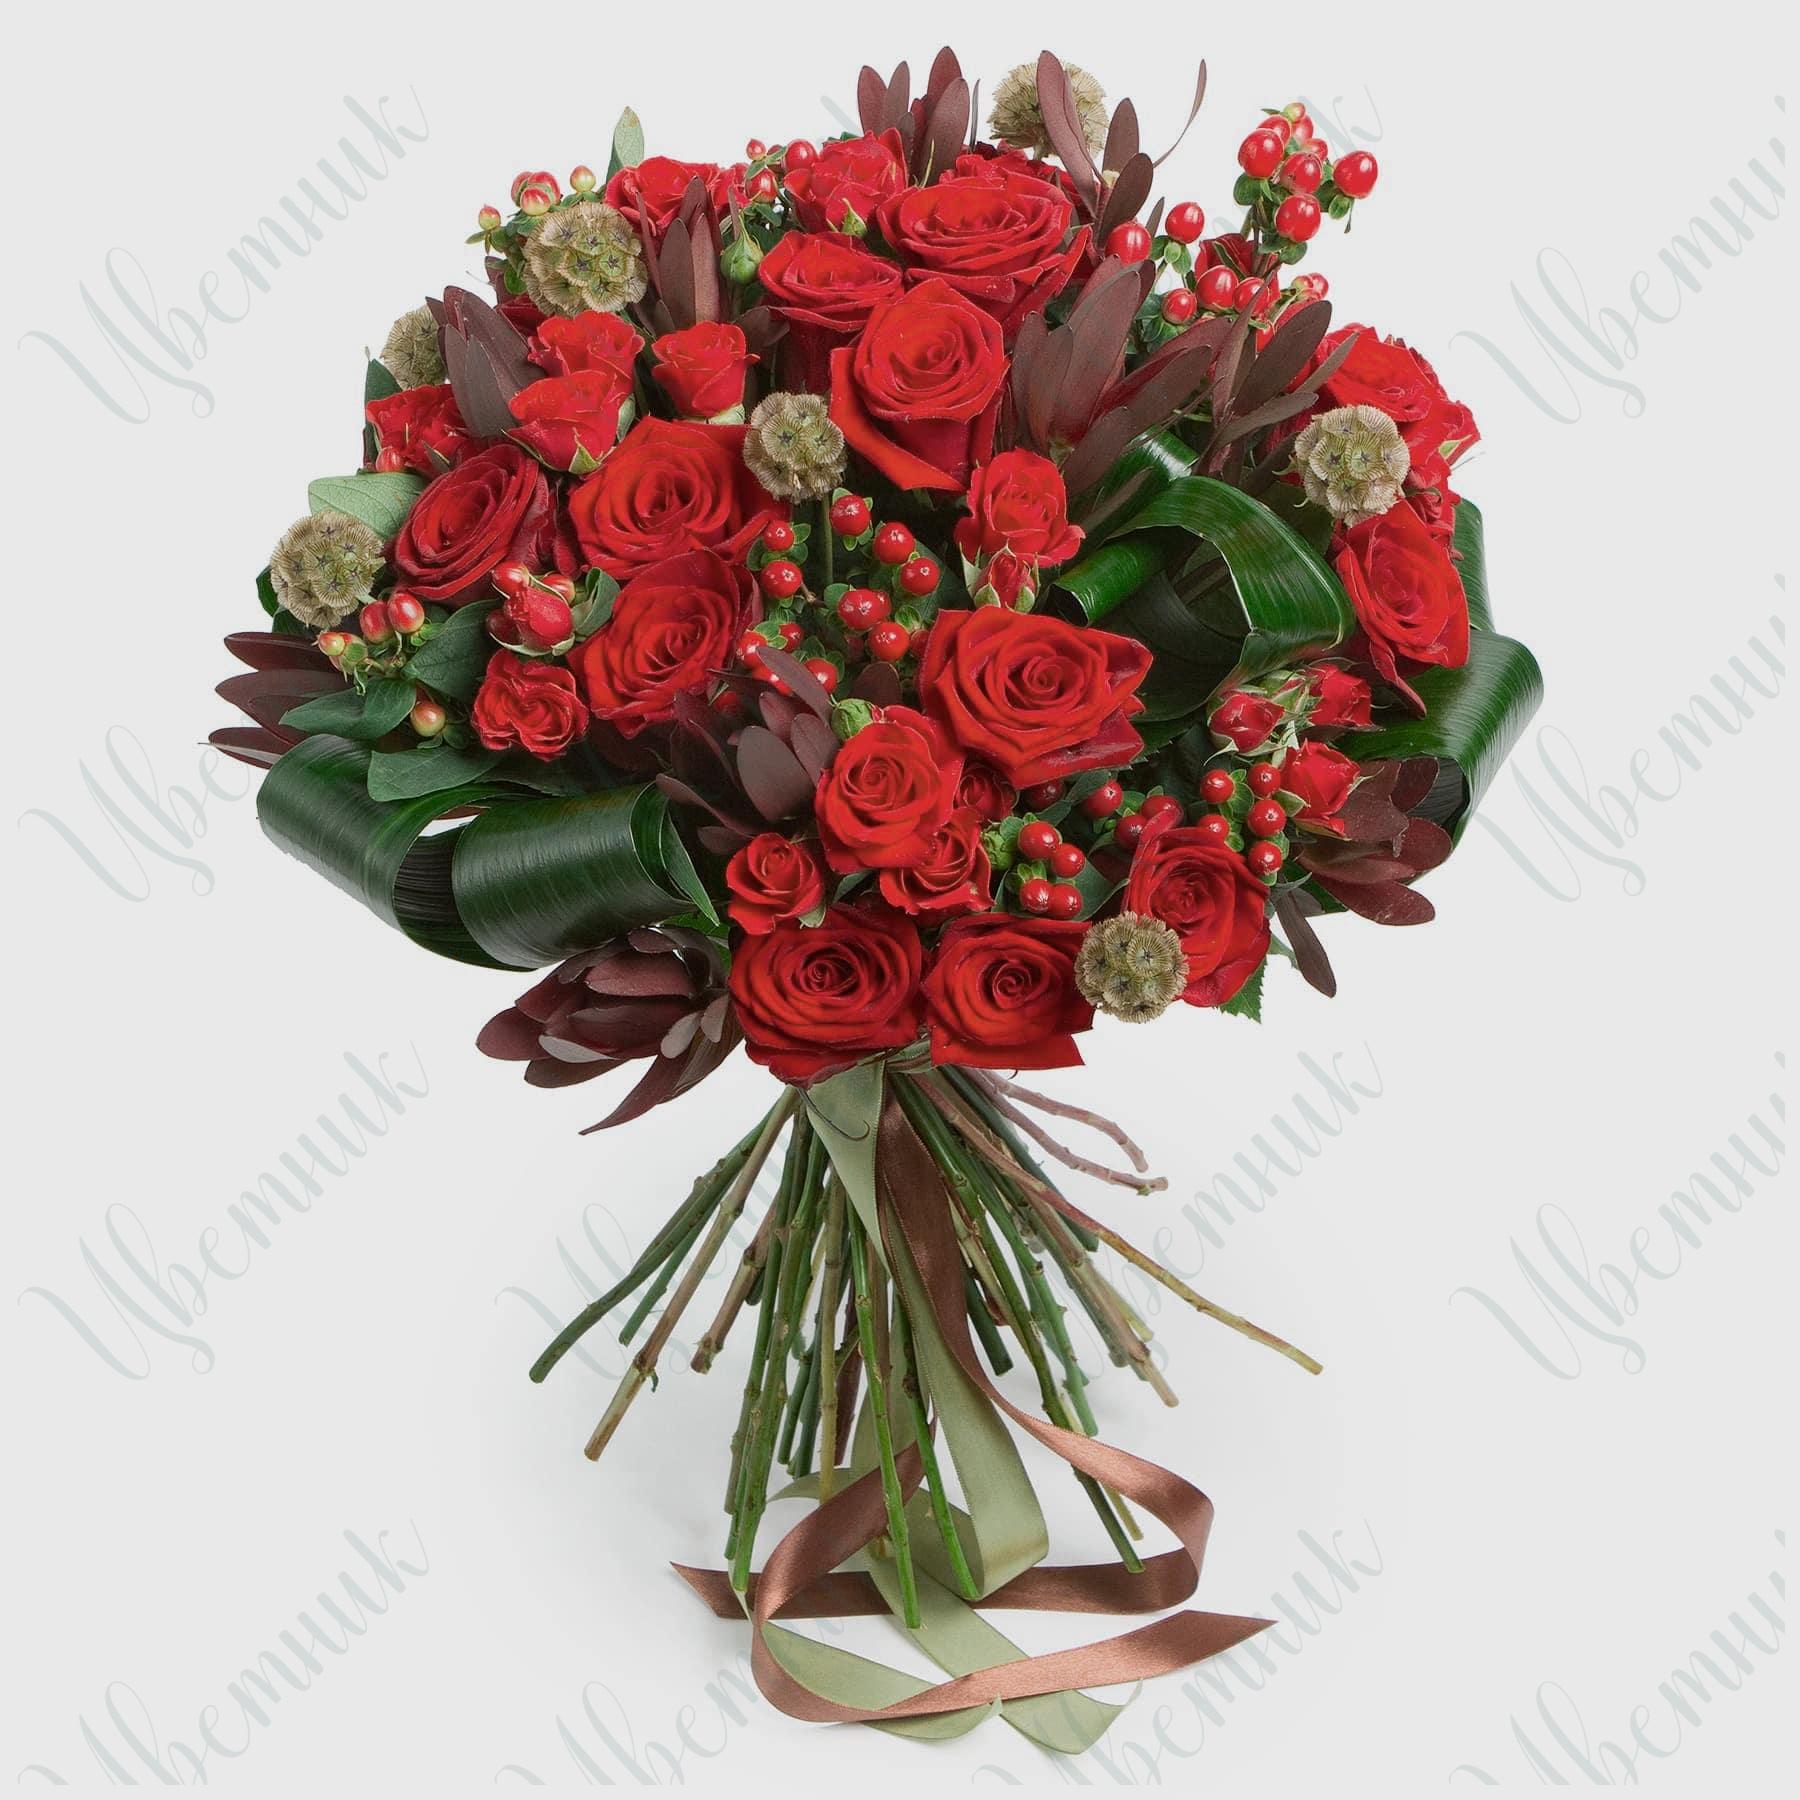 Букет с красными розами и экзотическим леукодендроном